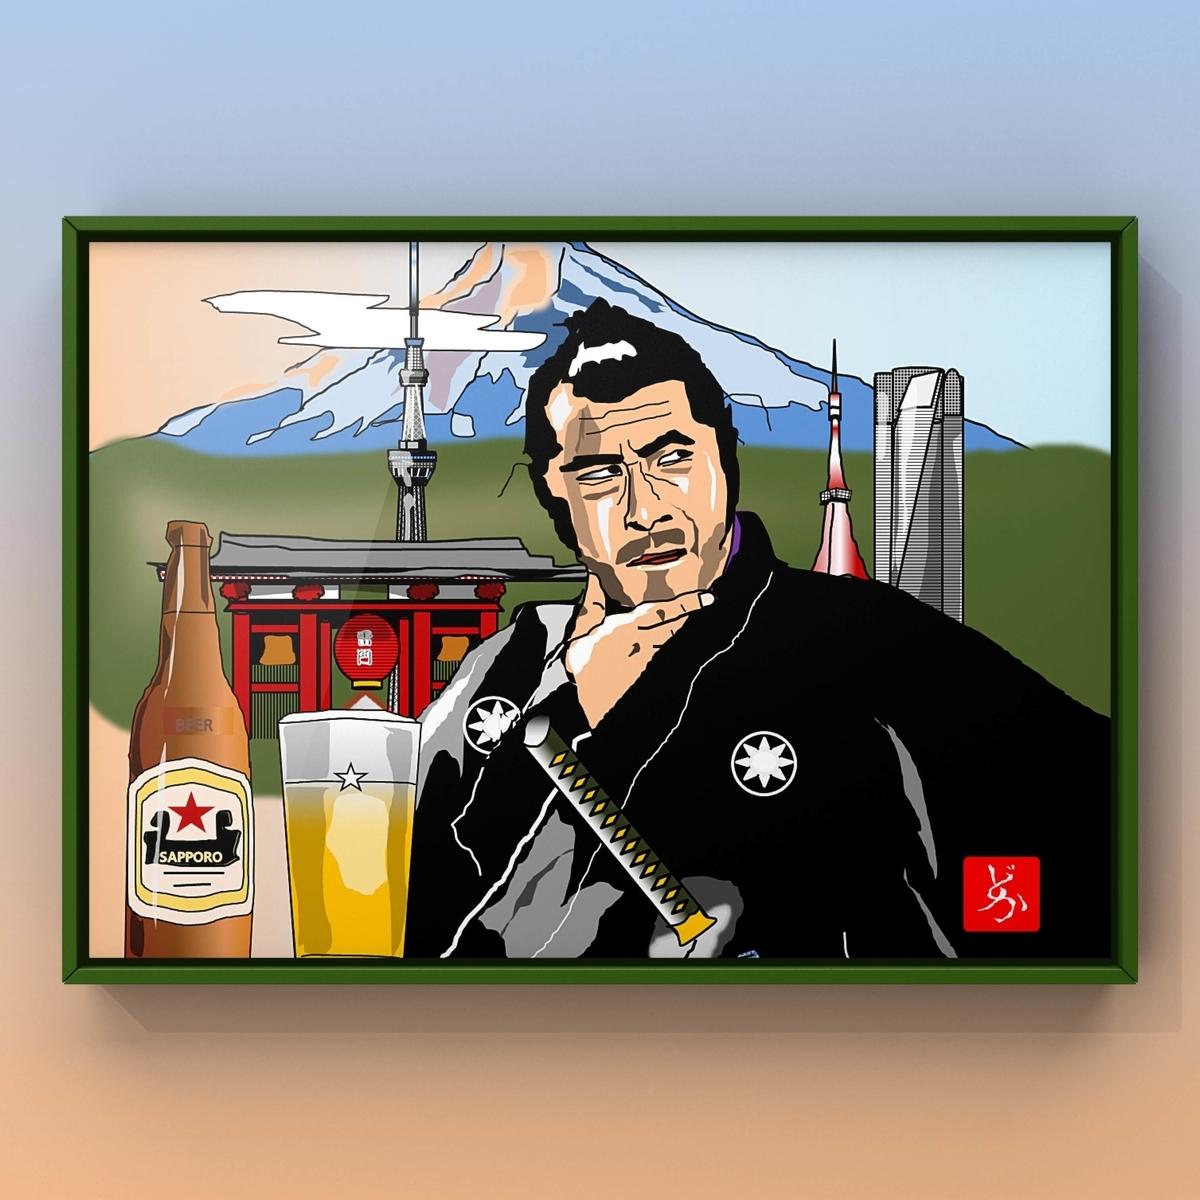 三船敏郎の観光ペナント風エクセル画イラスト額装版